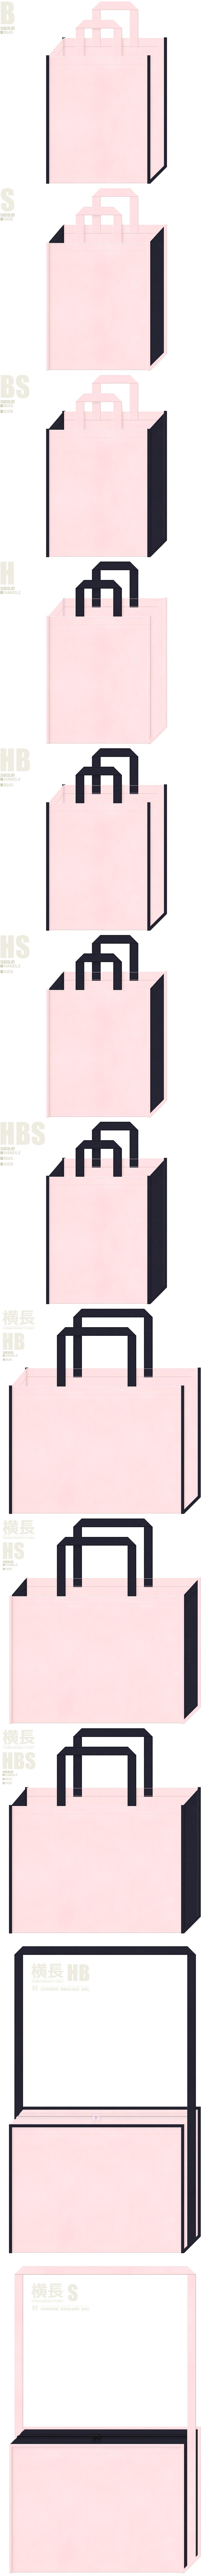 学校・オープンキャンパスにお奨めの不織布バッグデザイン:桜色と濃紺色の配色7パターン。